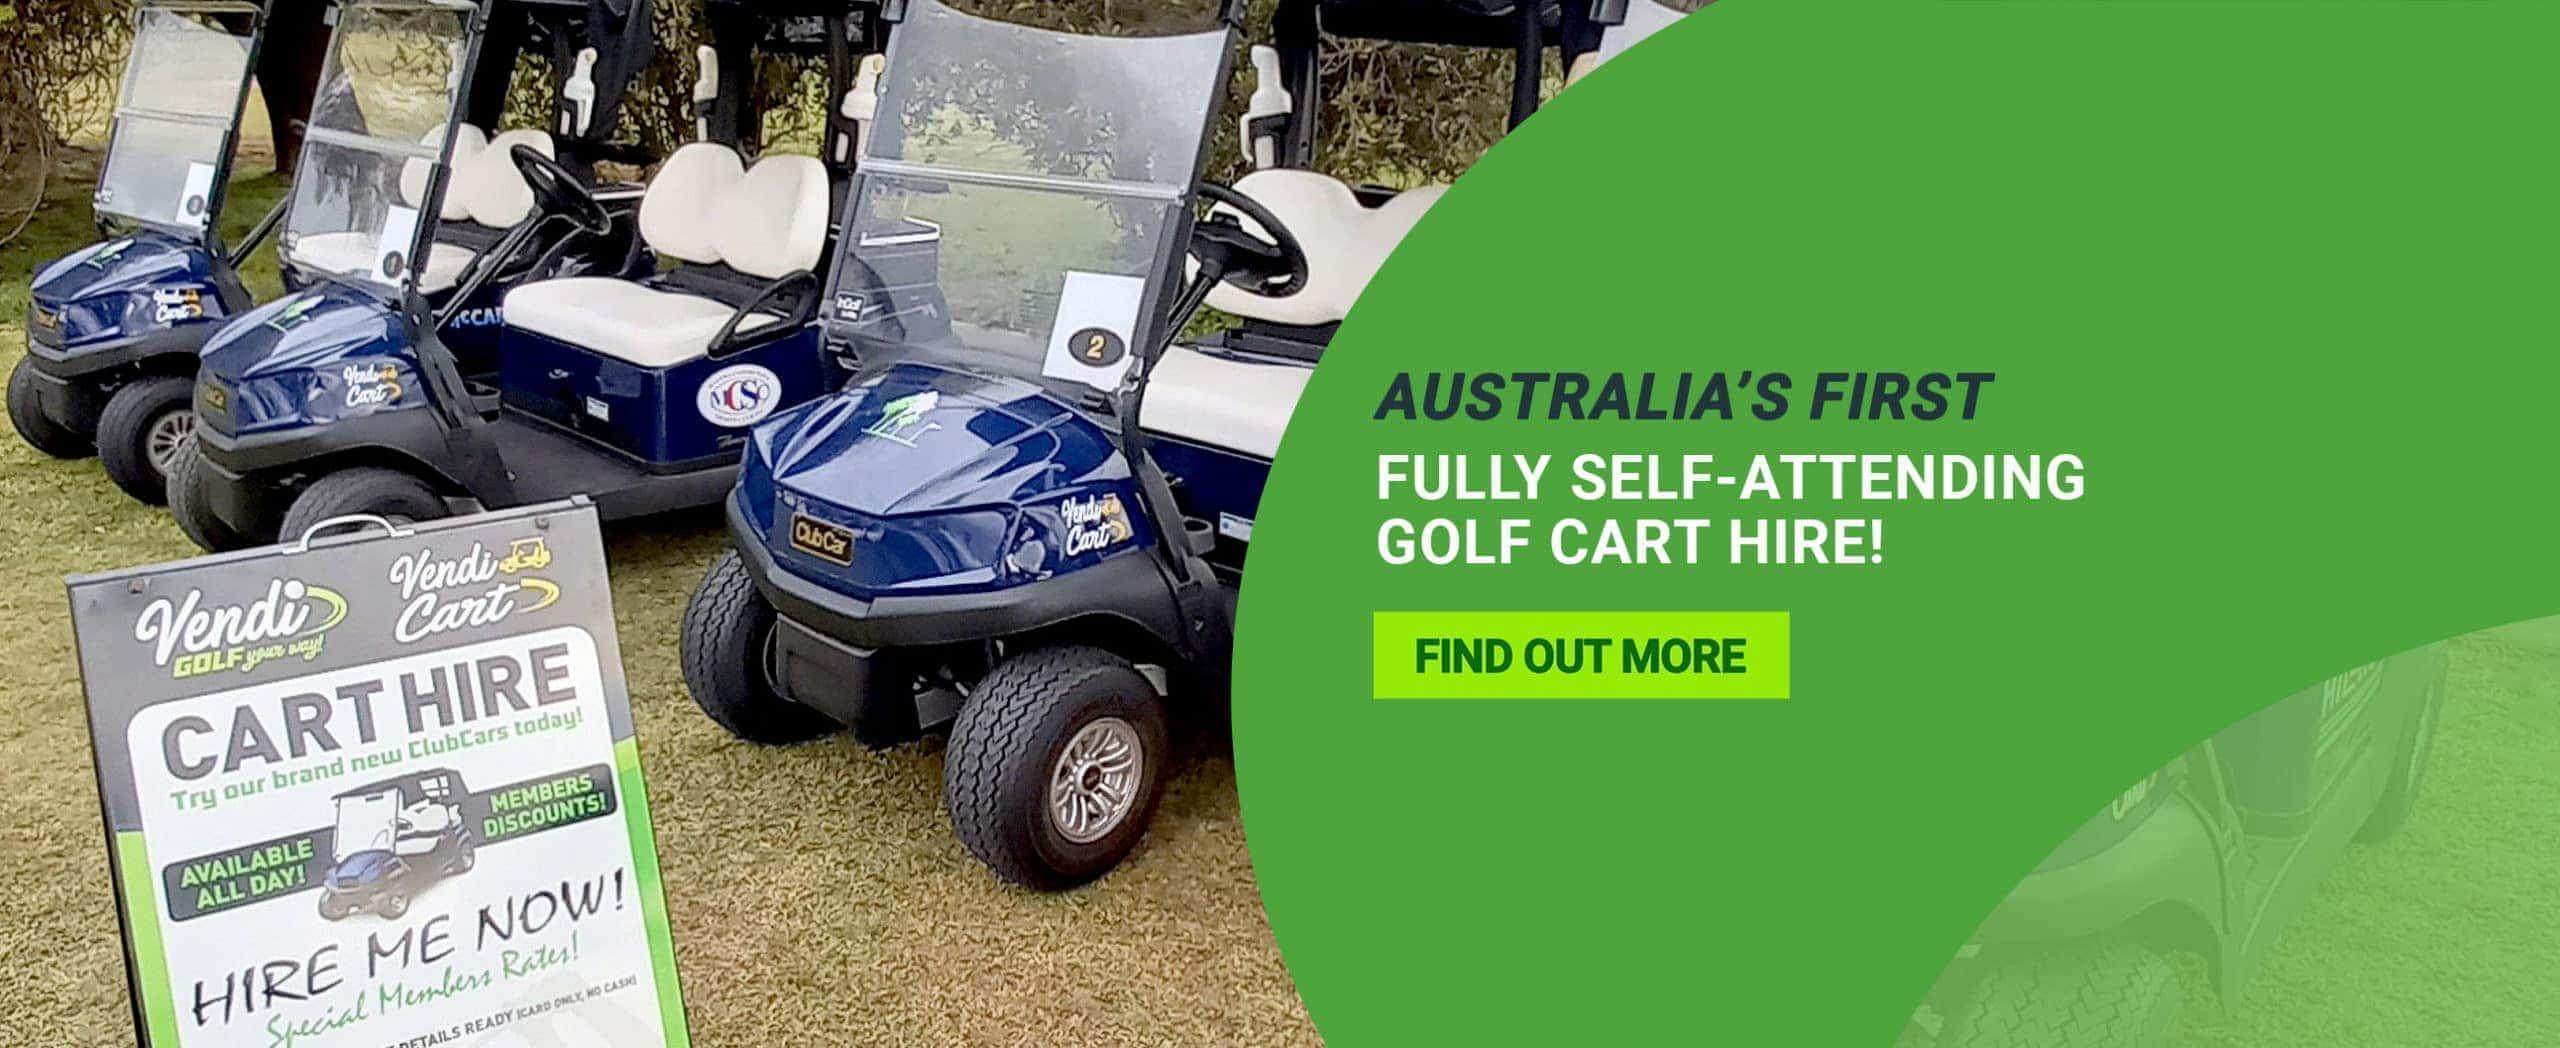 Golf Cart Hire